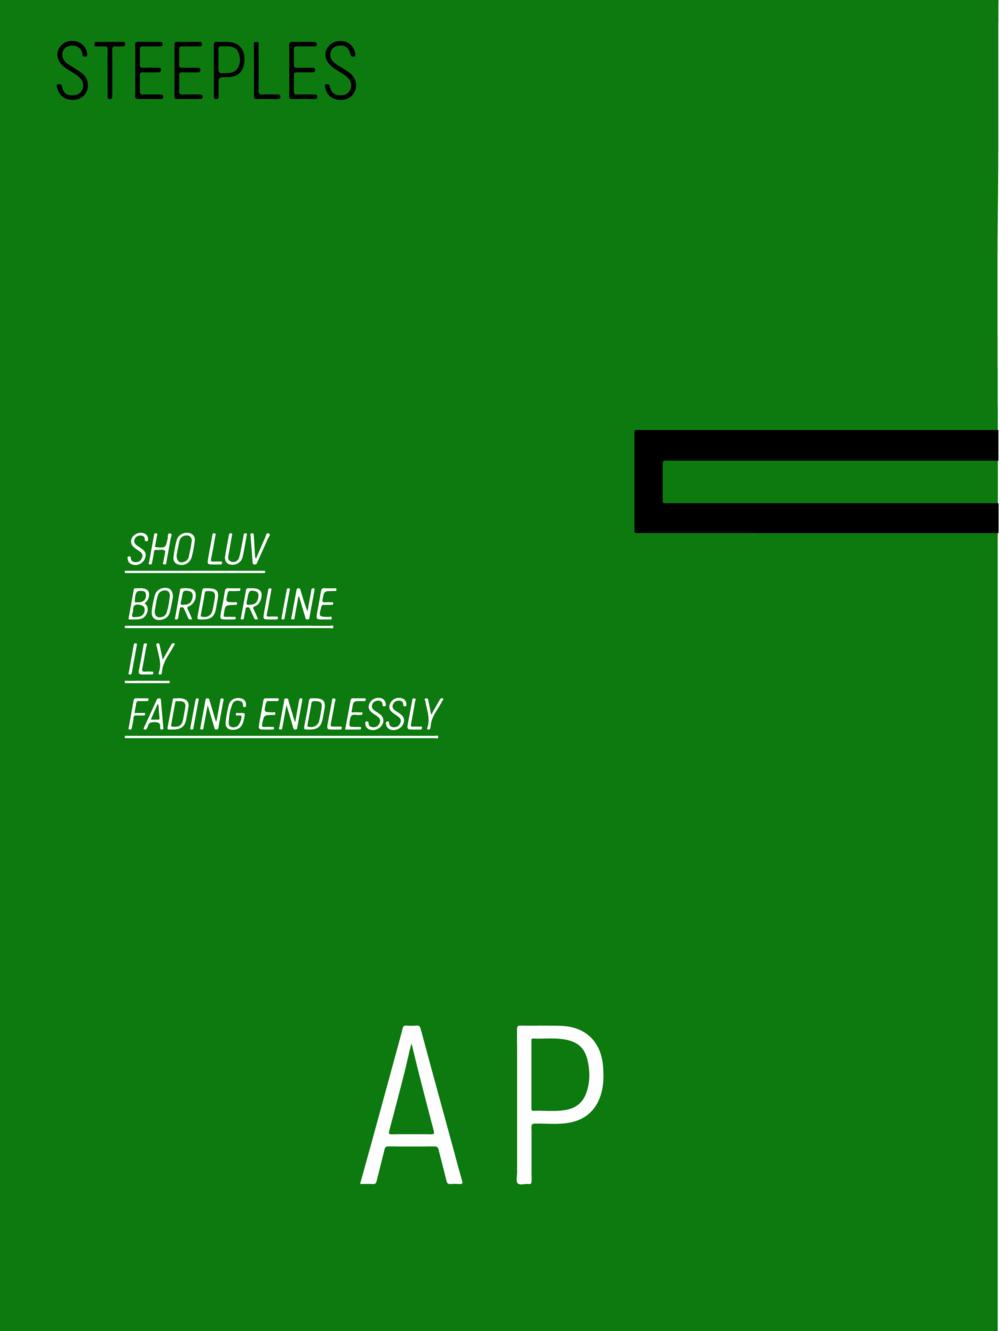 AP Poster - $5